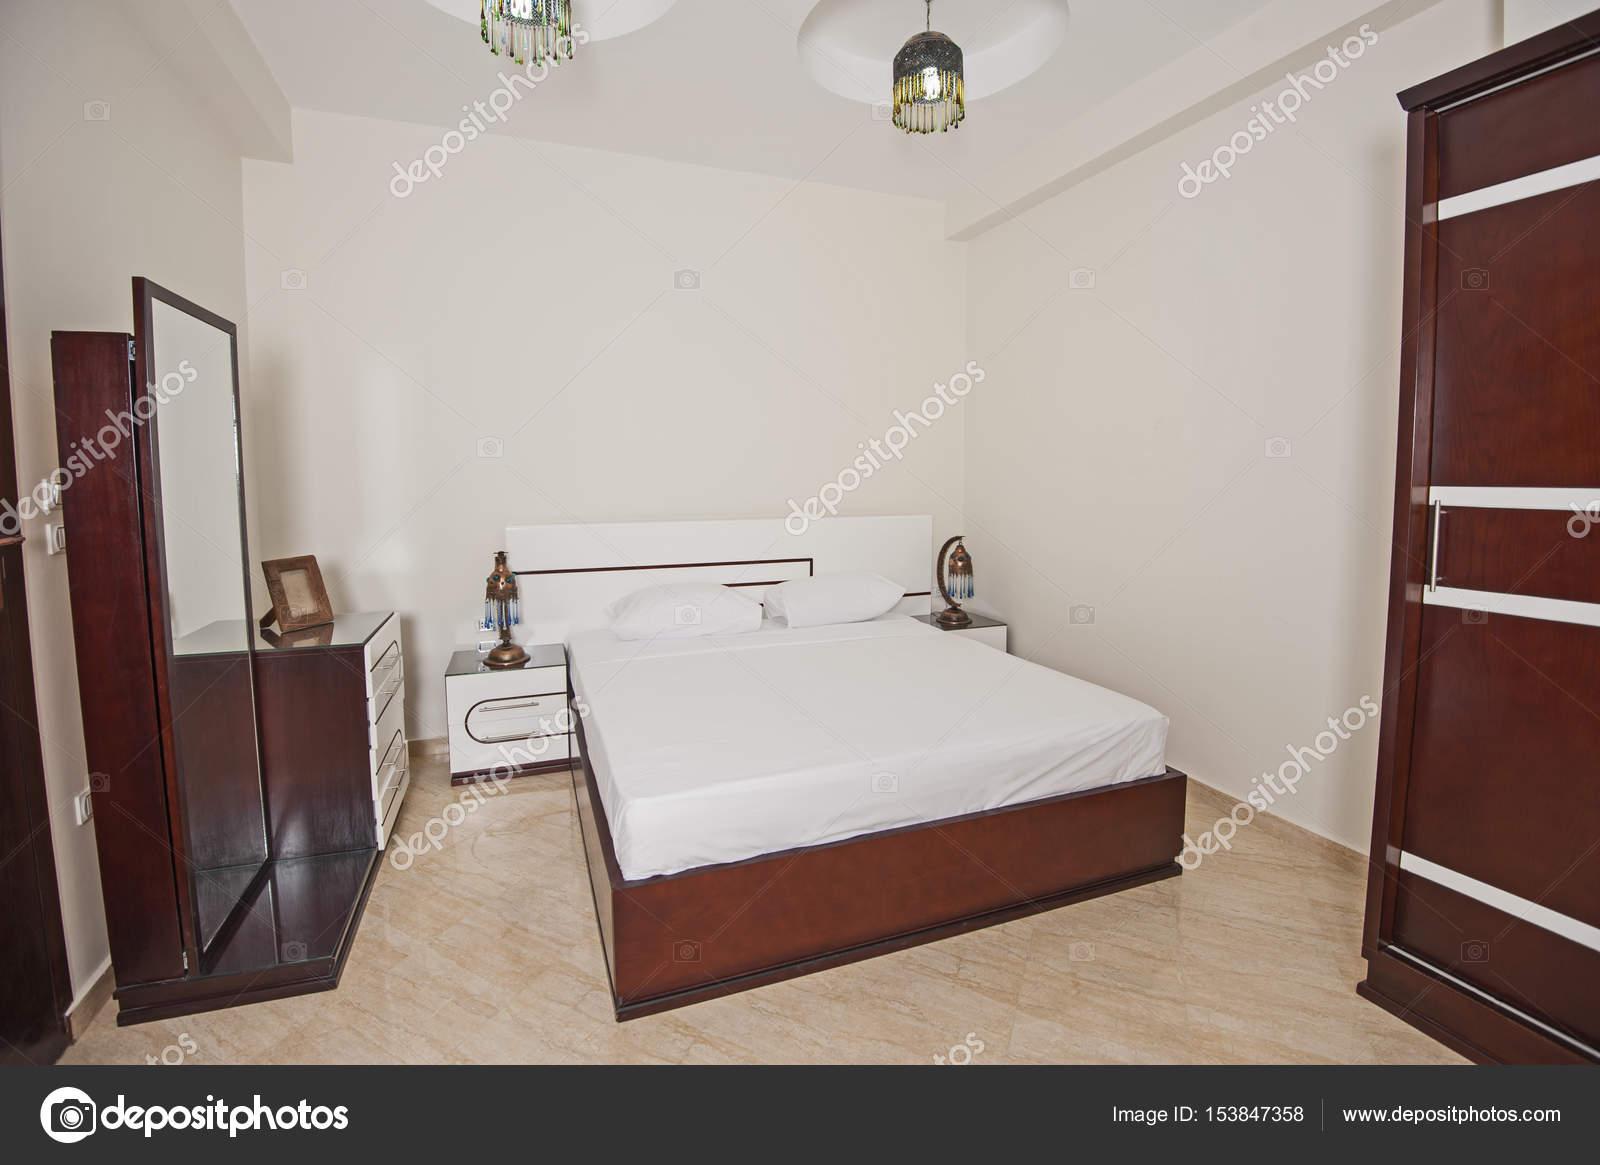 Inneneinrichtung der Zimmer im Haus — Stockfoto © paulvinten #153847358